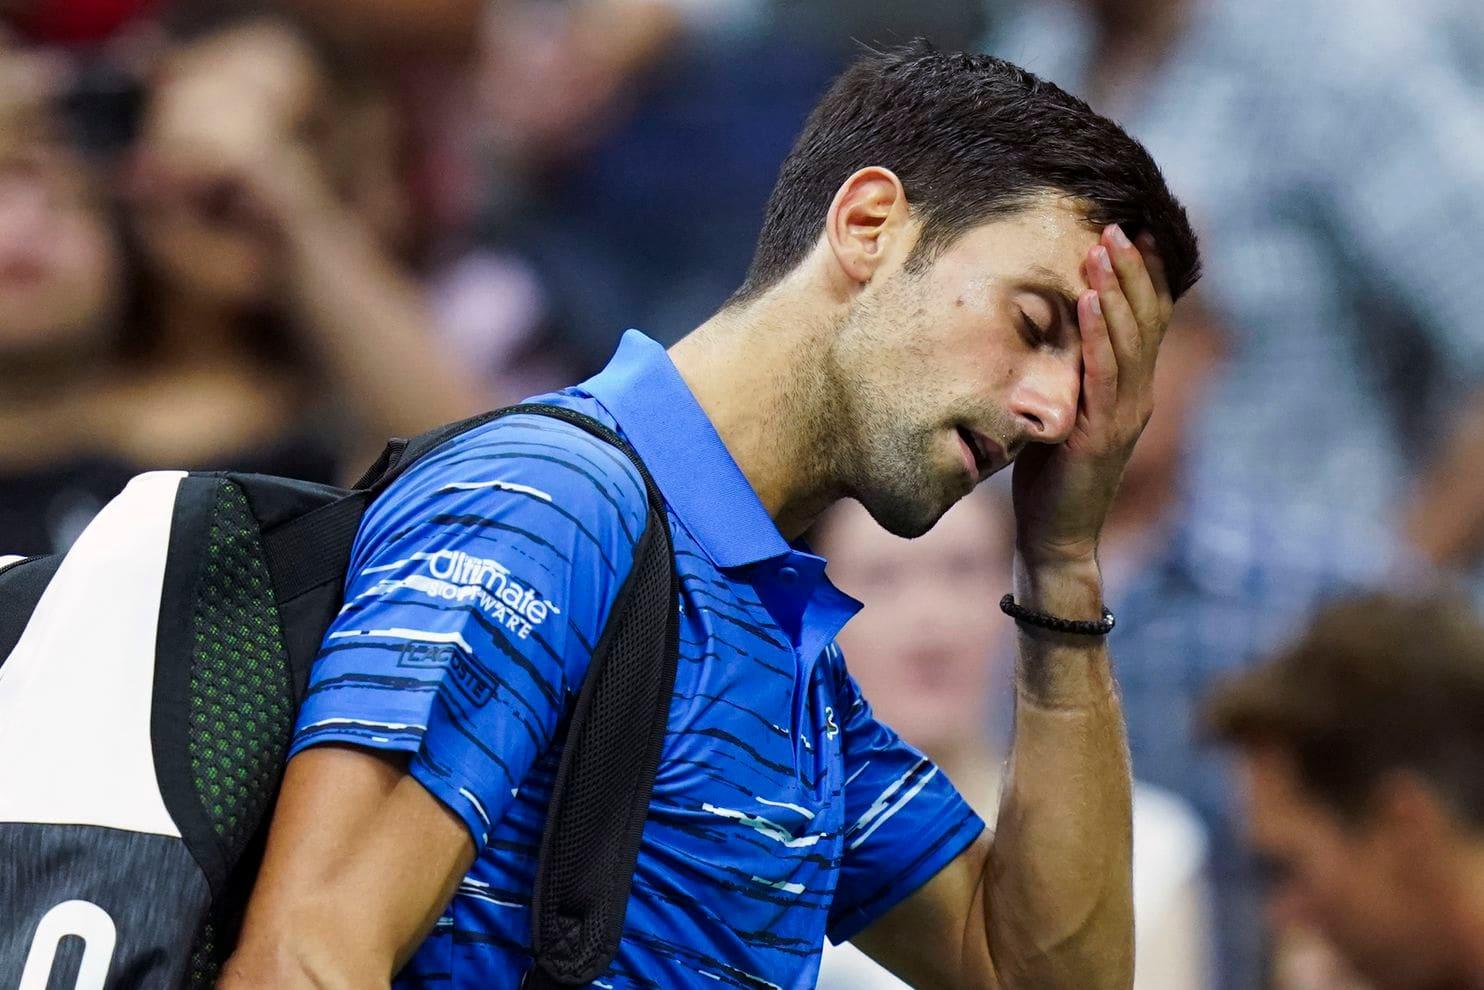 """Tennis, anche Djokovic positivo al Covid-19: """"Mi dispiace per i nuovi casi"""""""